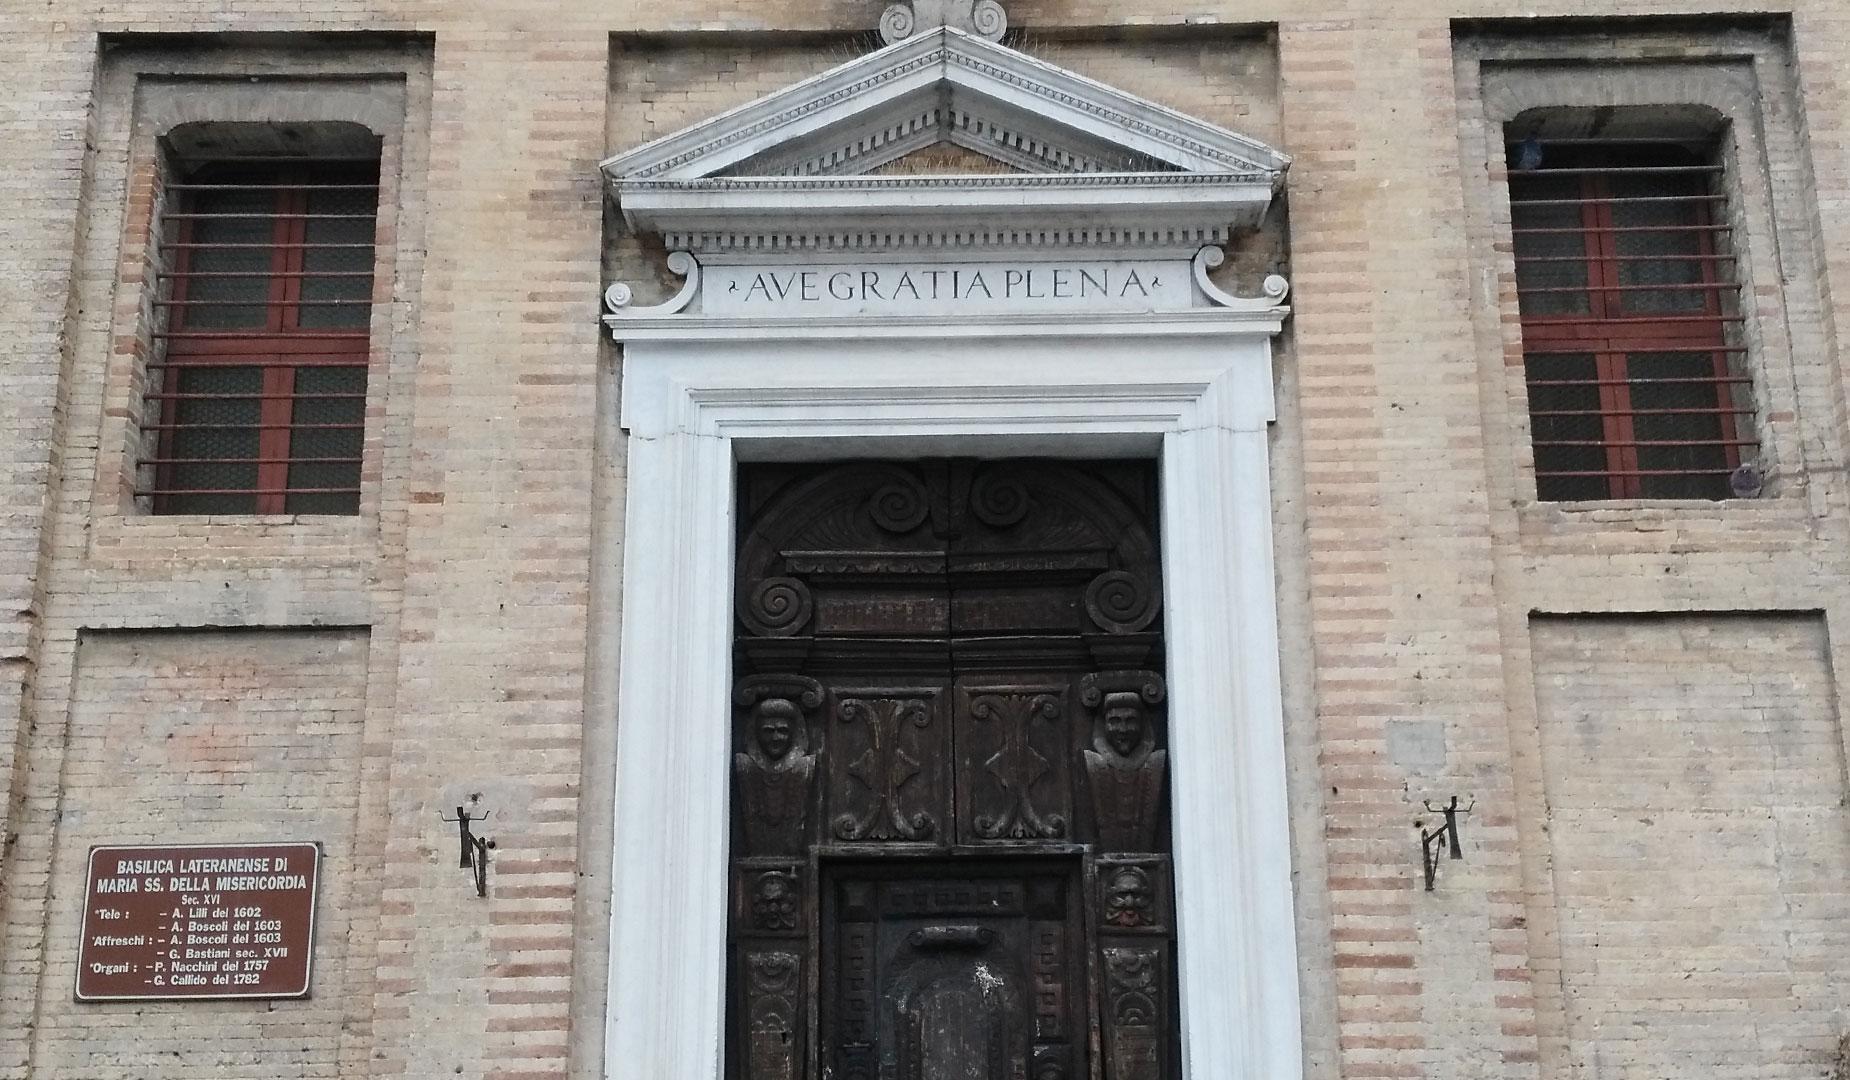 basilica lateranense sant'elpidio a mare